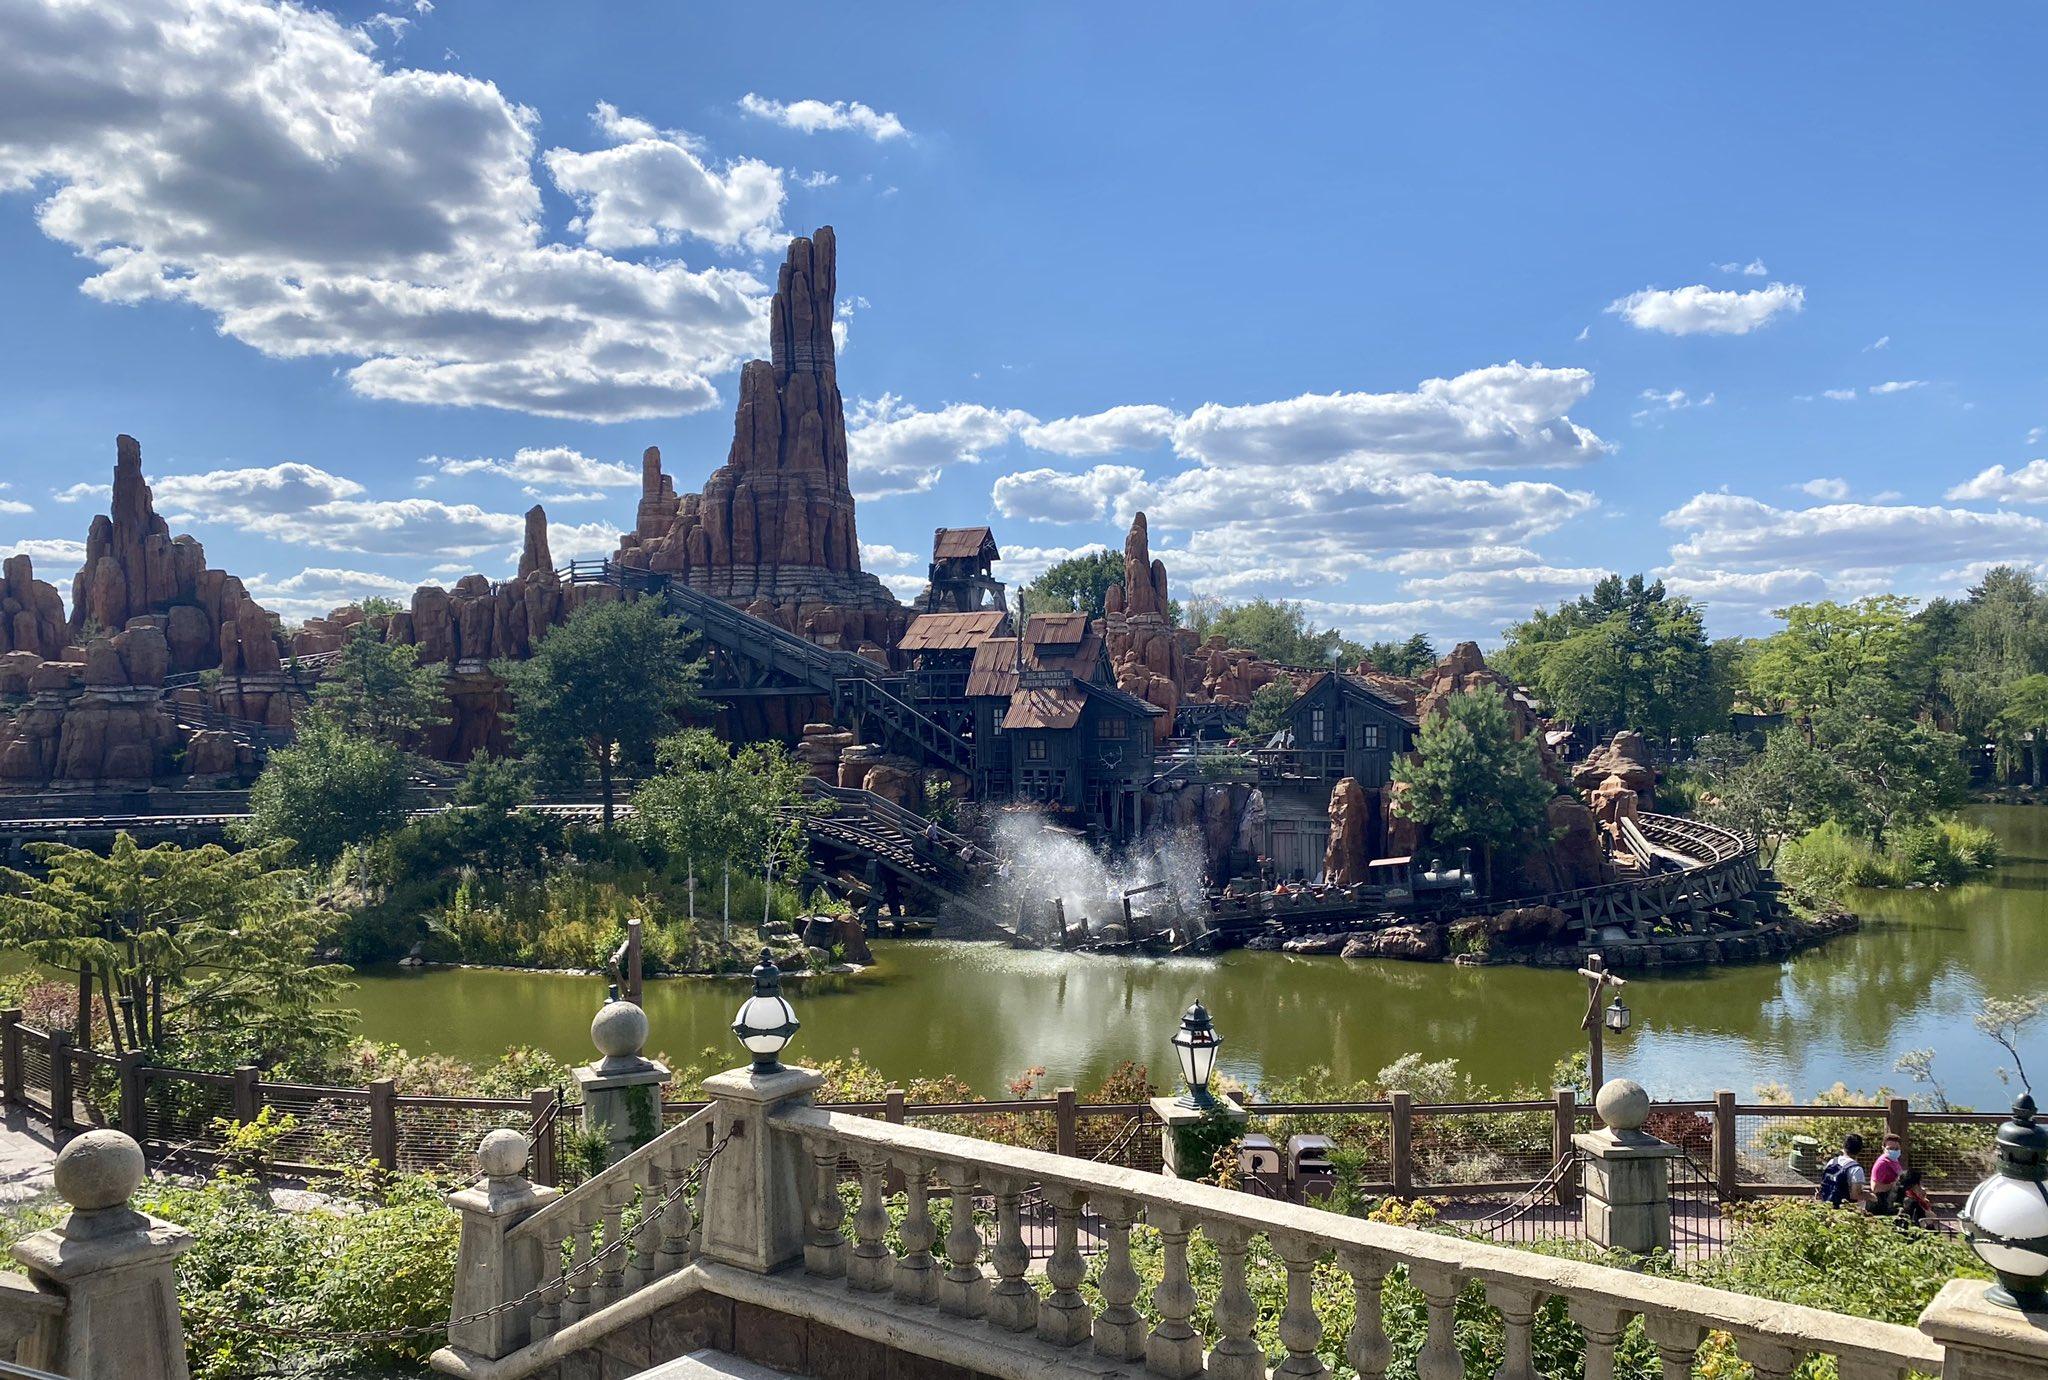 Disneyland Paris ouvert pendant la COVID-19 (juillet-octobre 2020)  - Page 2 Ecpz6CFXsAIx0My?format=jpg&name=large